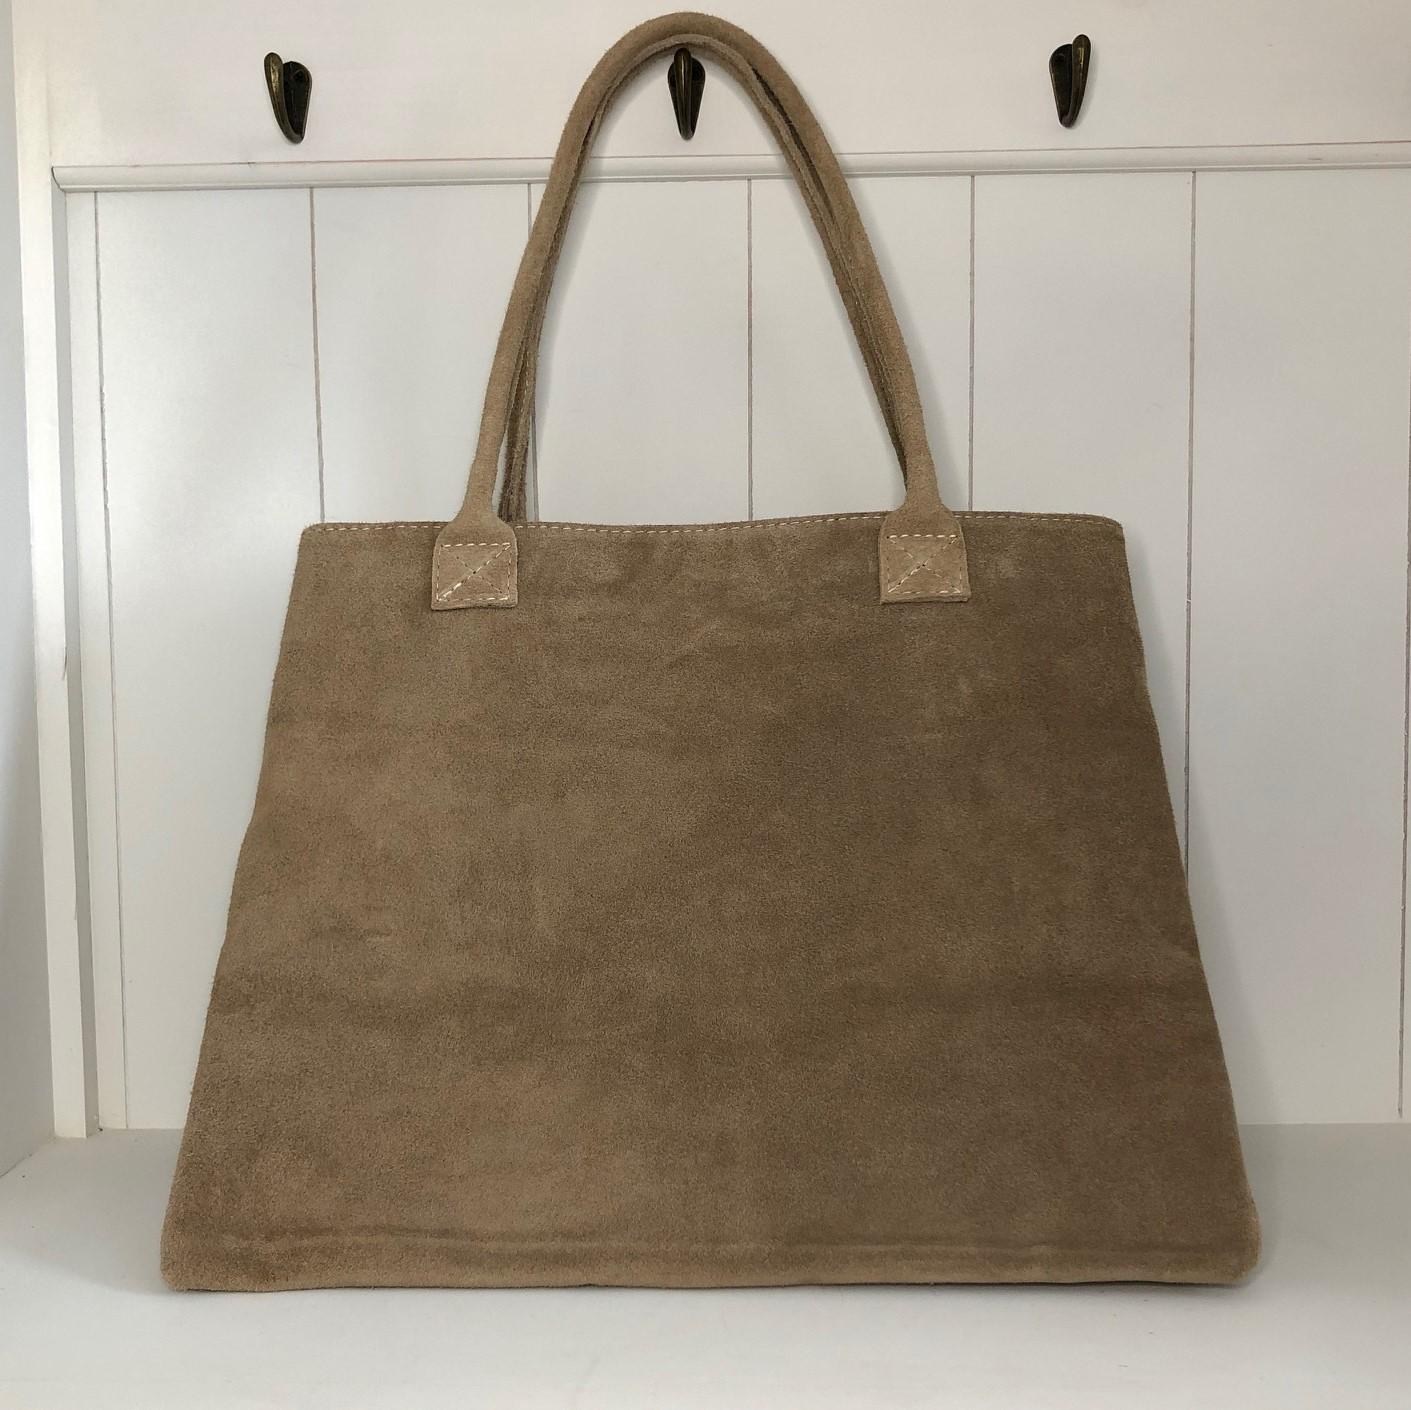 Wildledertasche (erhältlich in verschiedenen Farben)